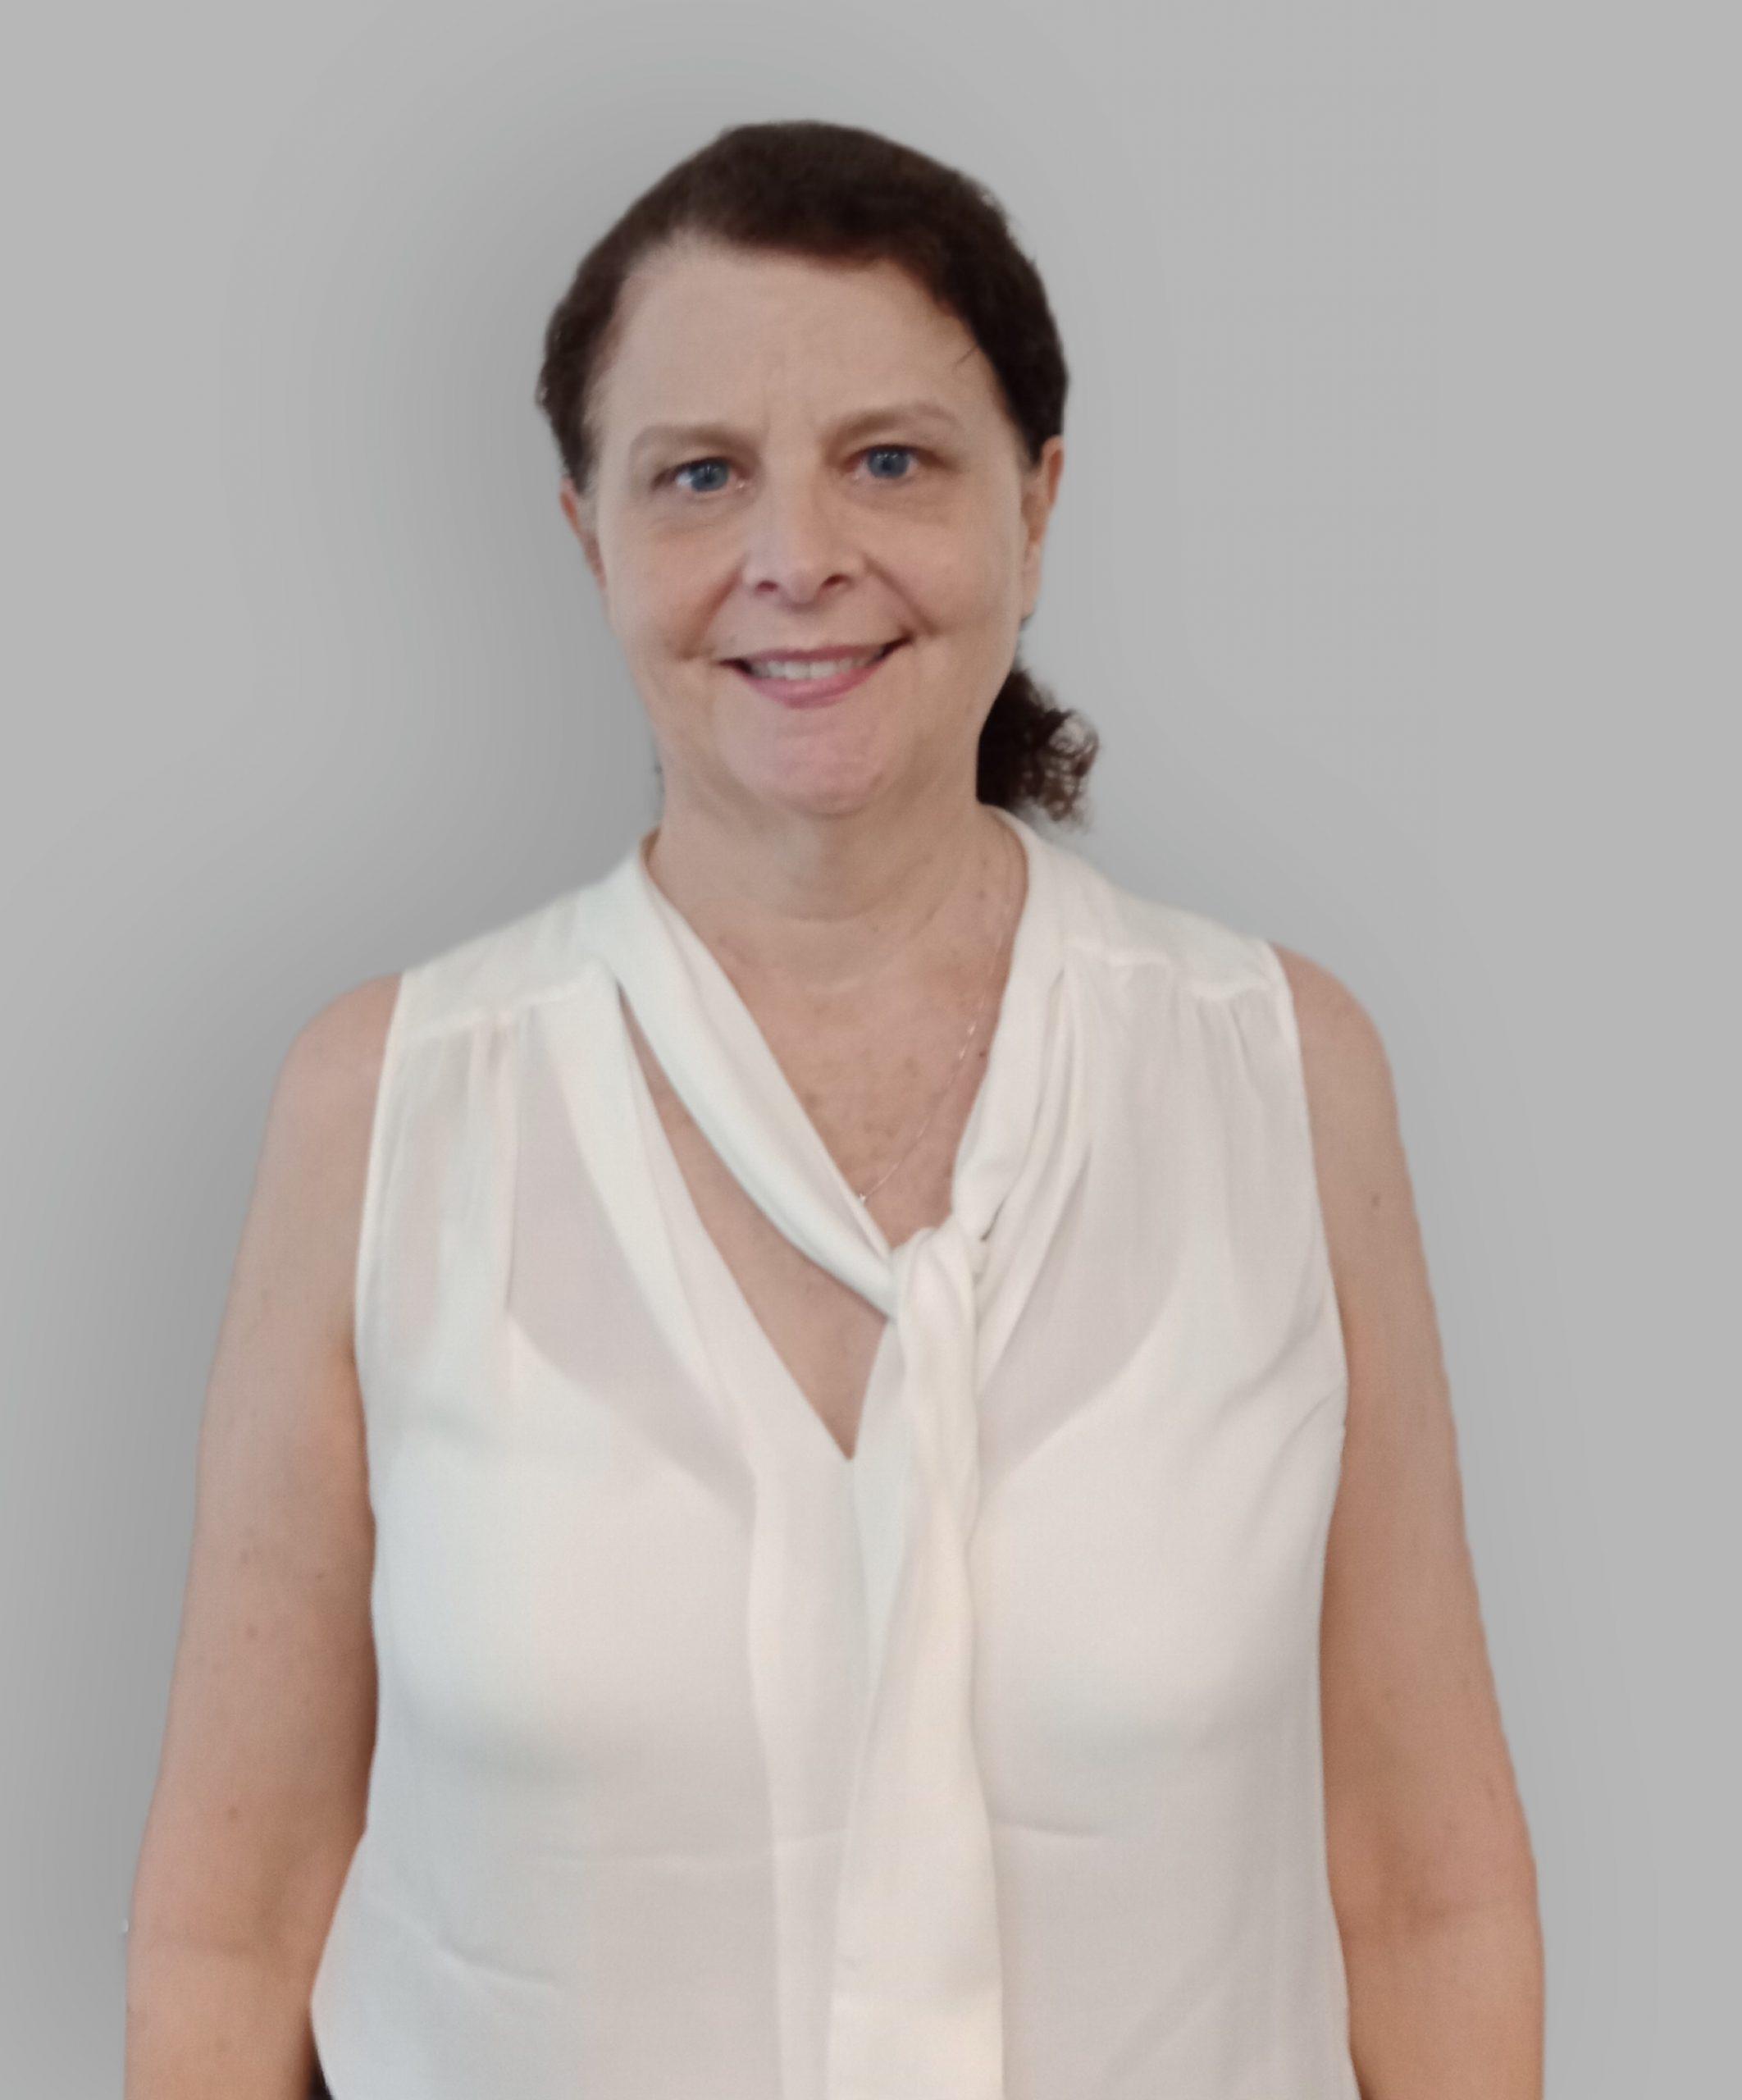 Heather Harrison, Broadmeadow, NSW, ORS